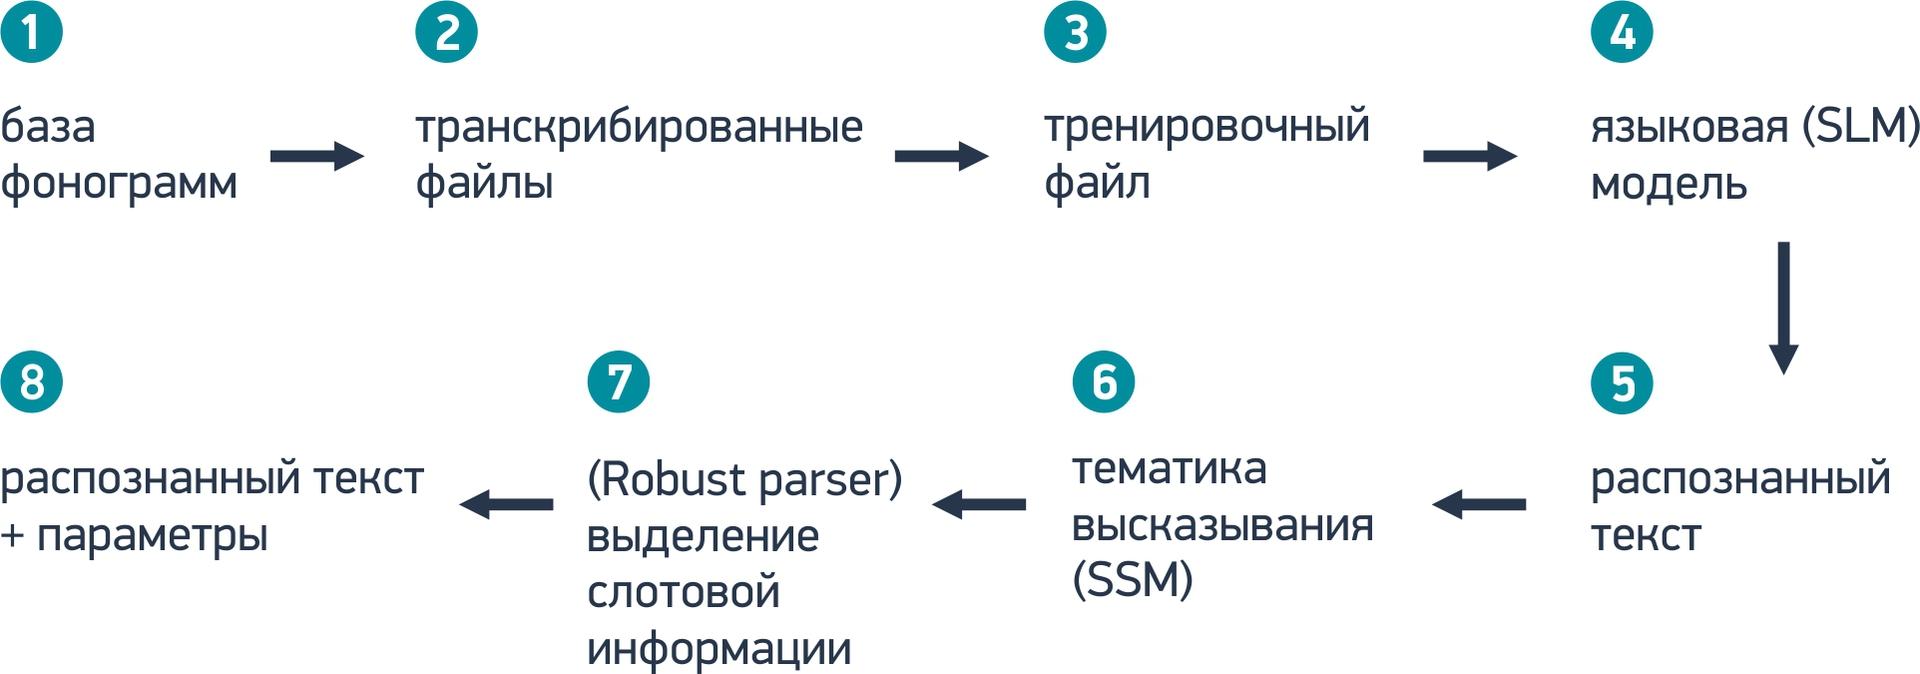 номинативным знаком языковой системы является